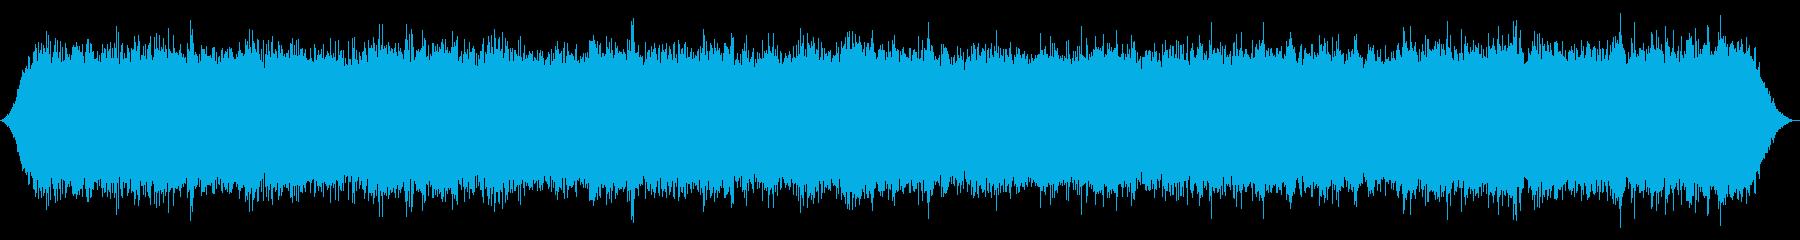 川:上から重い速い流れとRo音の再生済みの波形